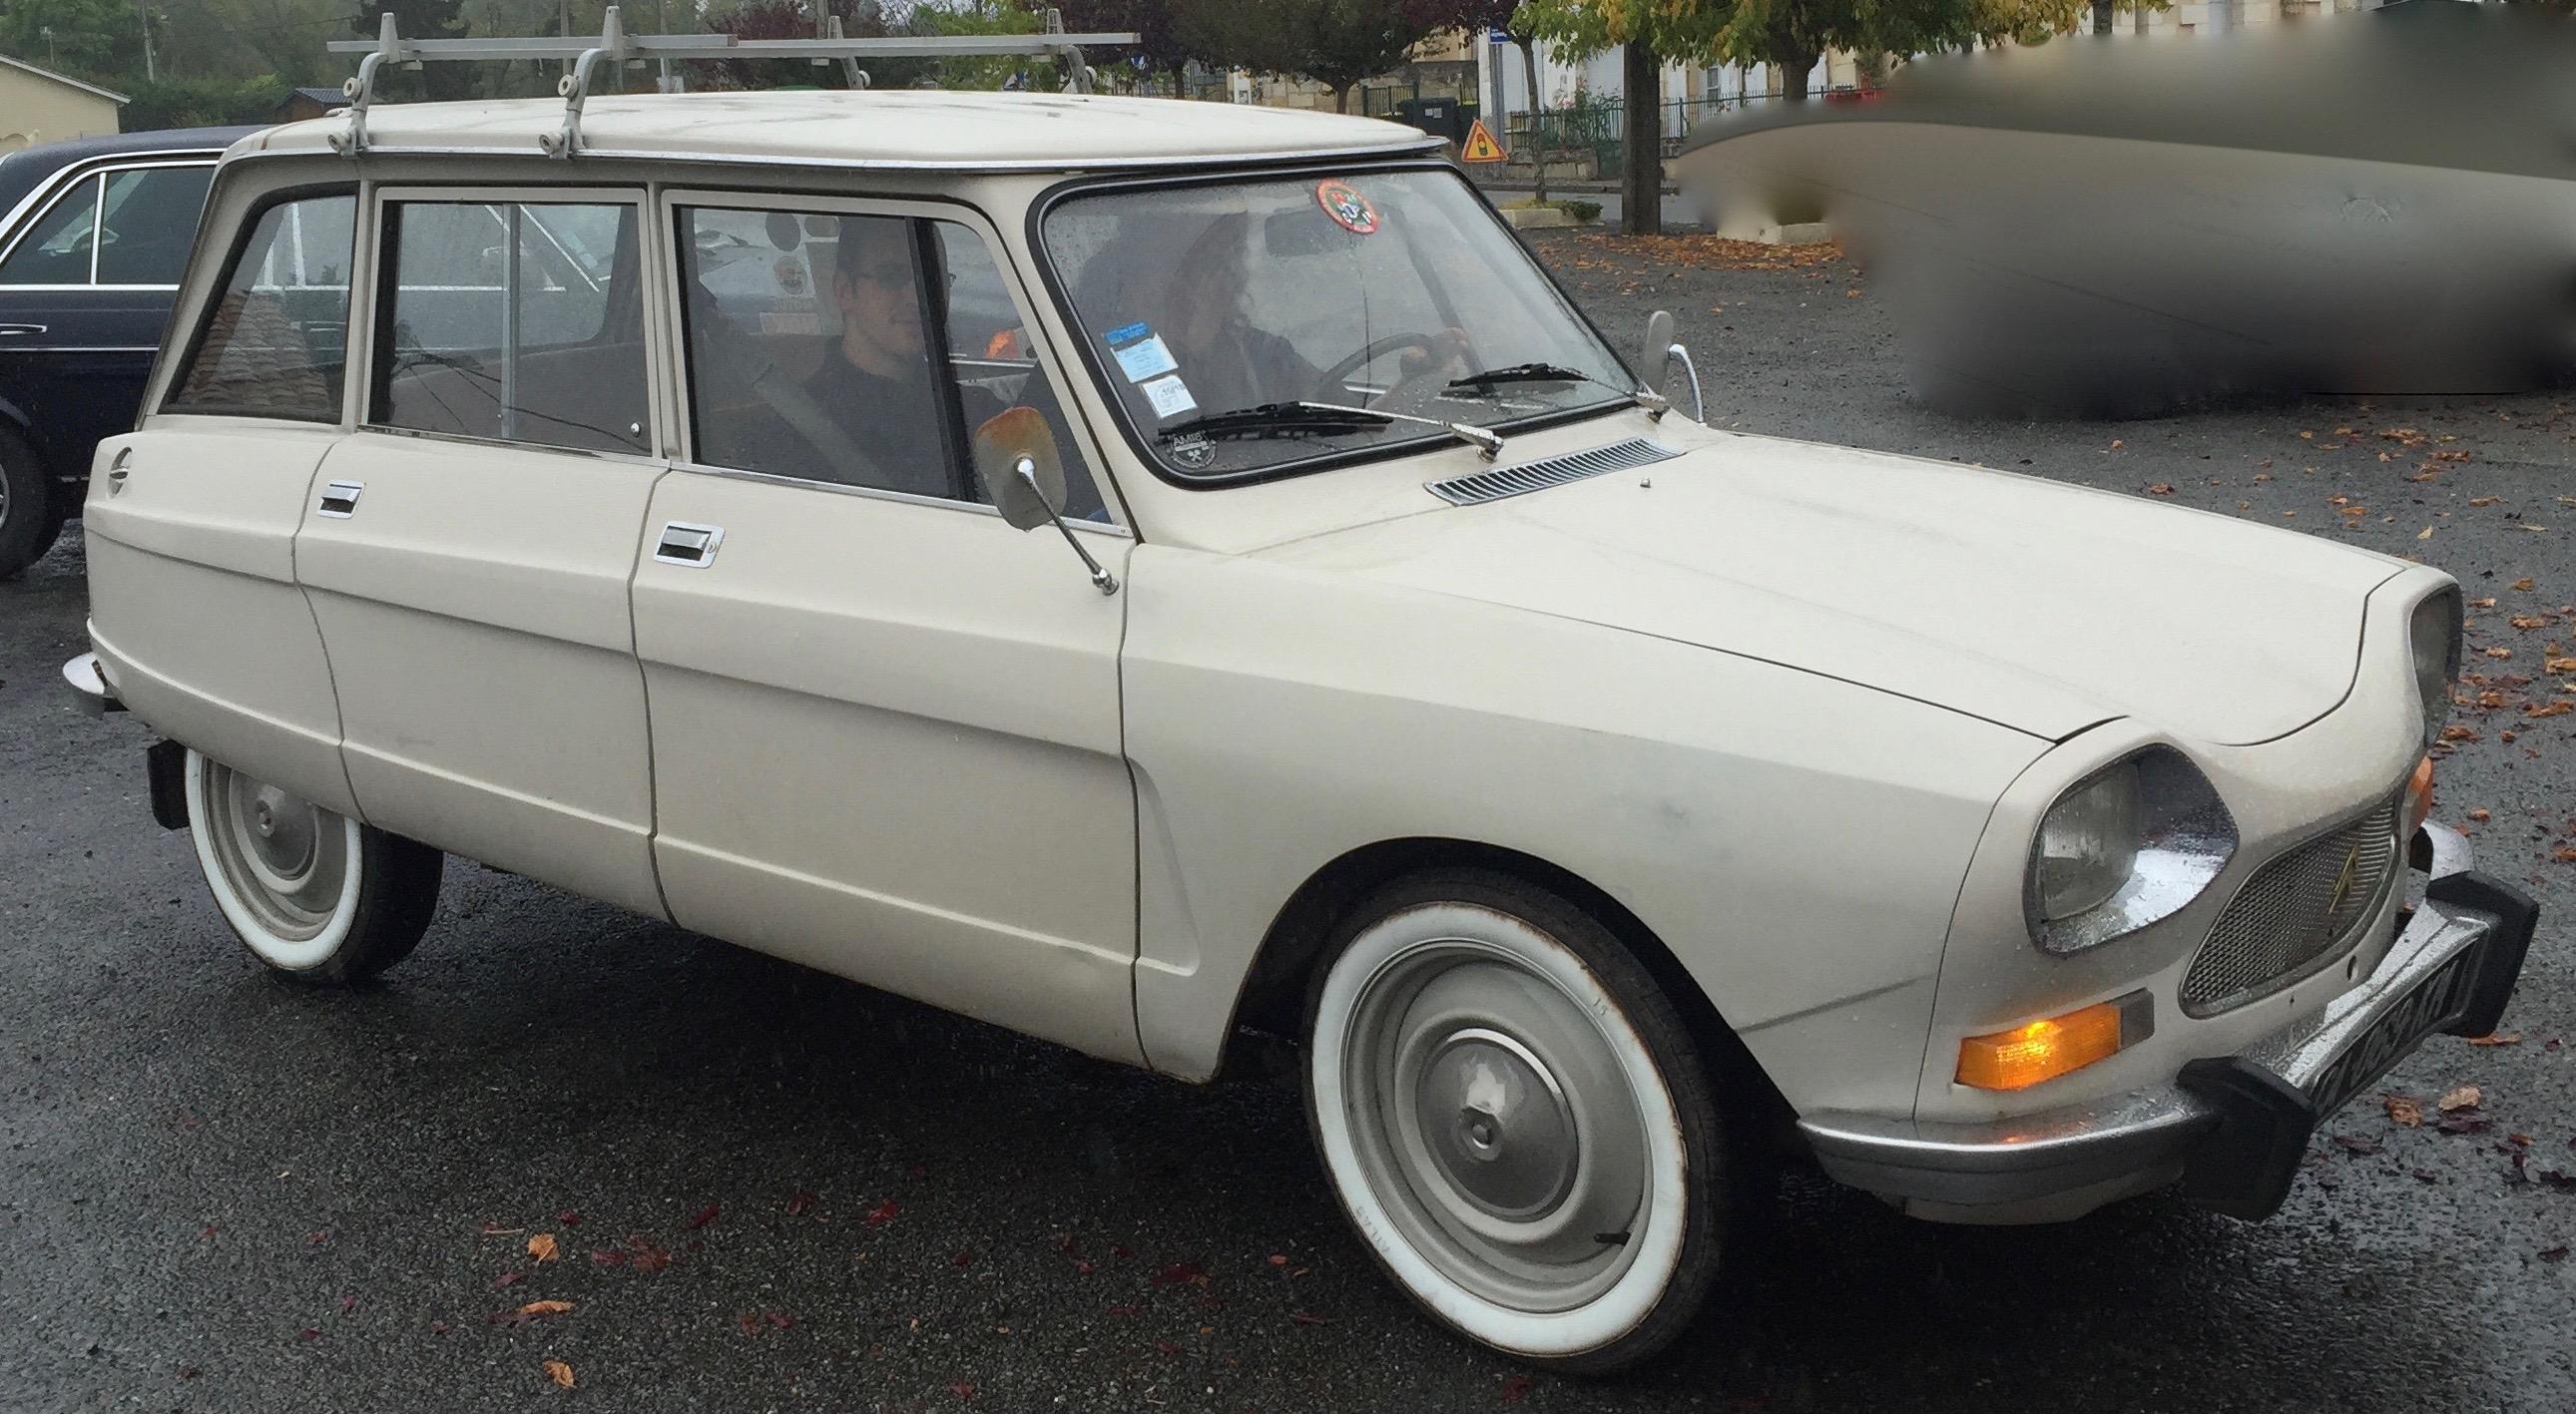 Voiture Simca De 1950 A 1975 maremm voitures de collection et d'exception dordogne